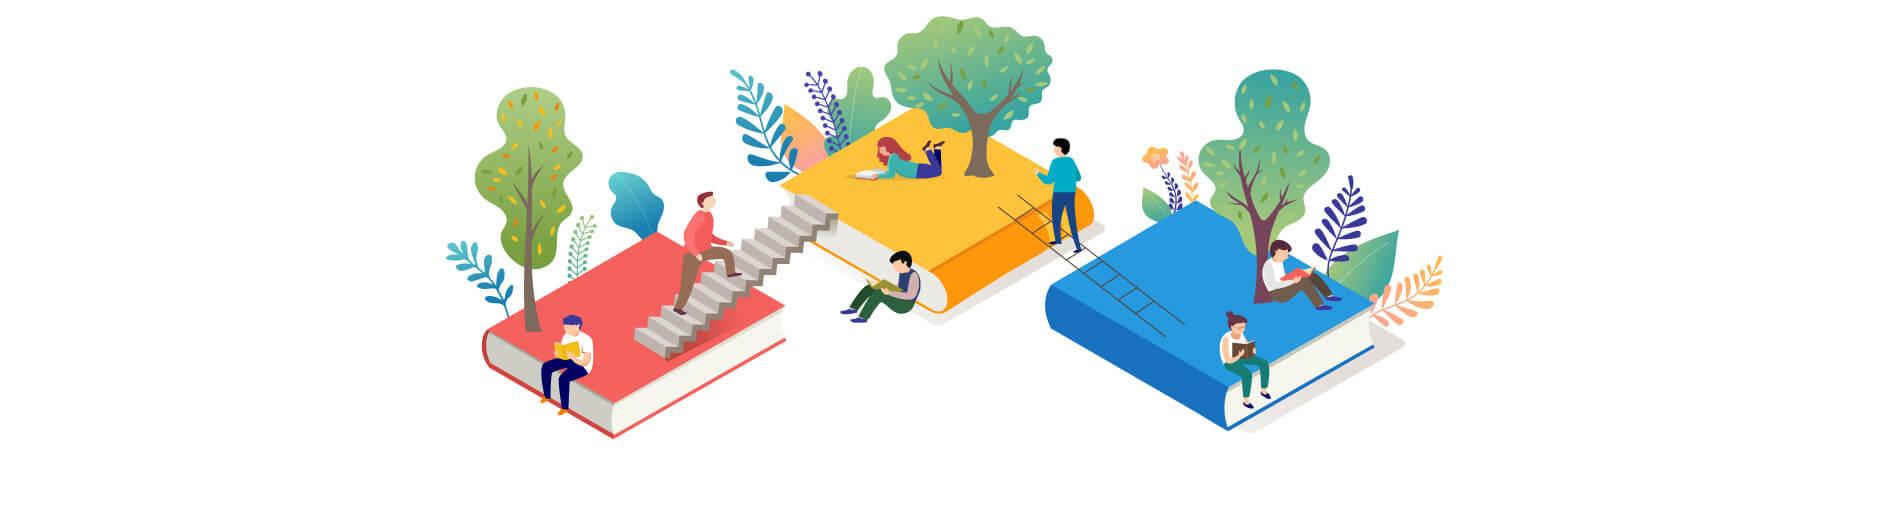 پنج پیشنهاد برای مدیرانی که میخواهند مدرسهای سالم و شاد بسازند